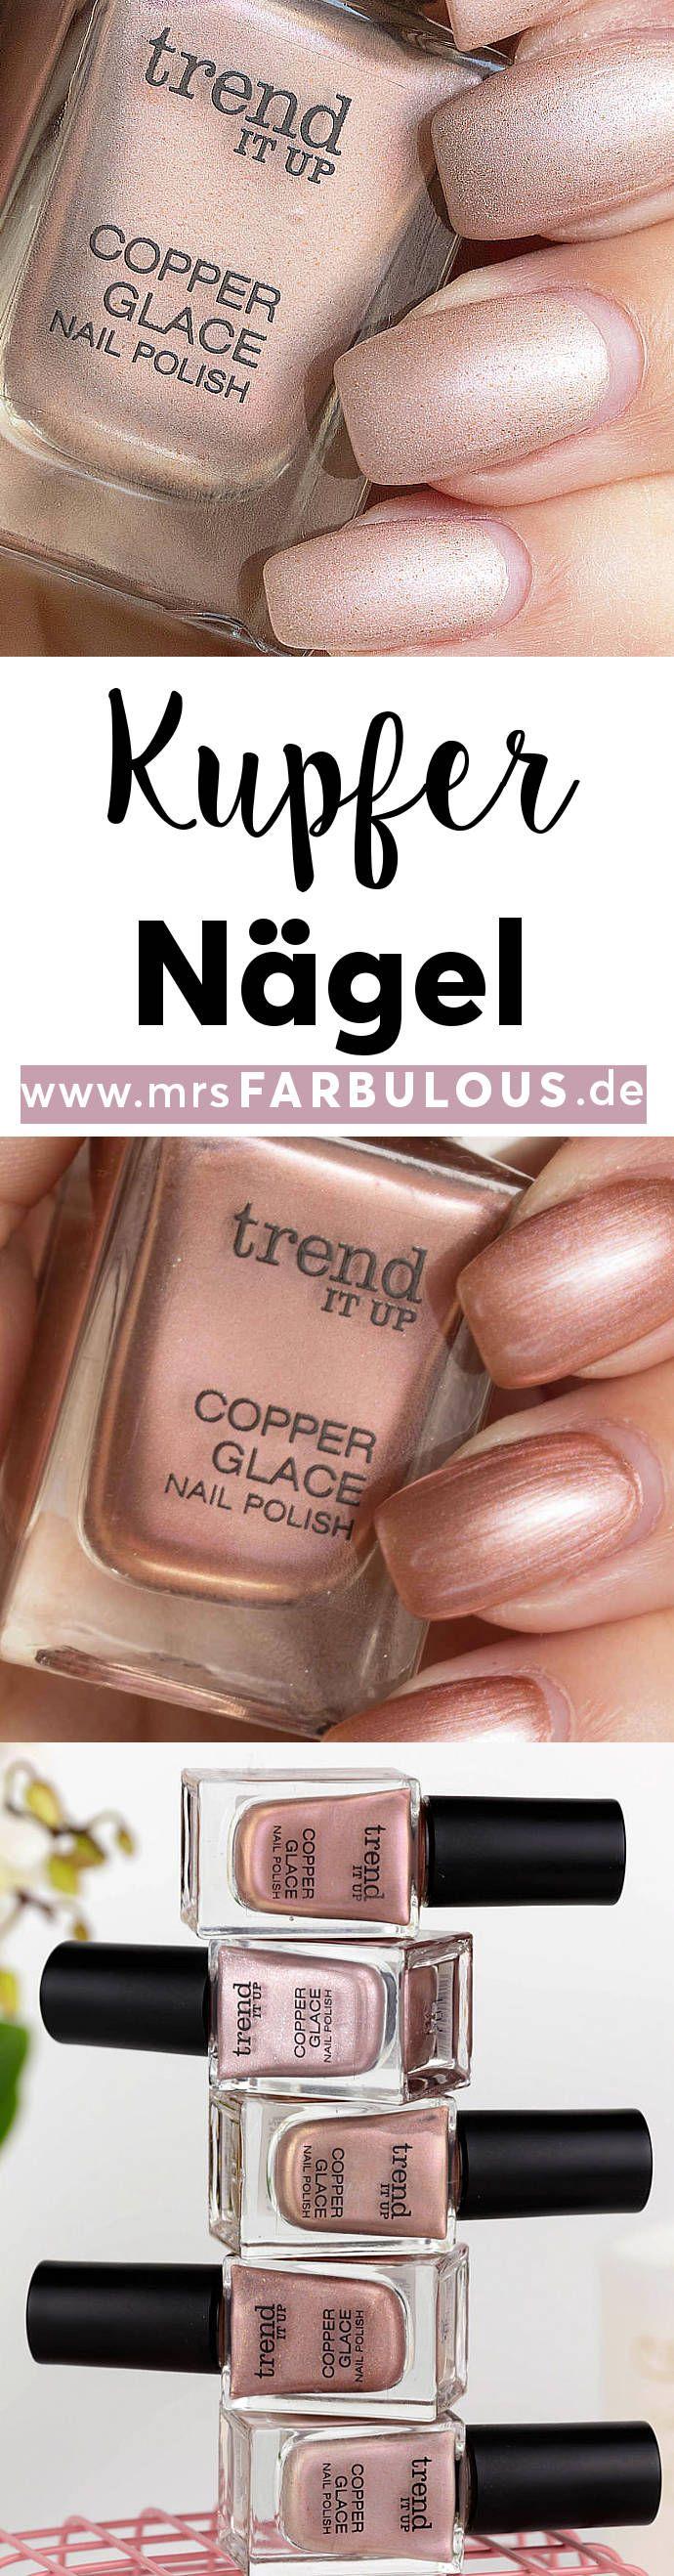 trend IT UP Copper Glace Kupfer für deine Nägel | Kupfer Farbe ...